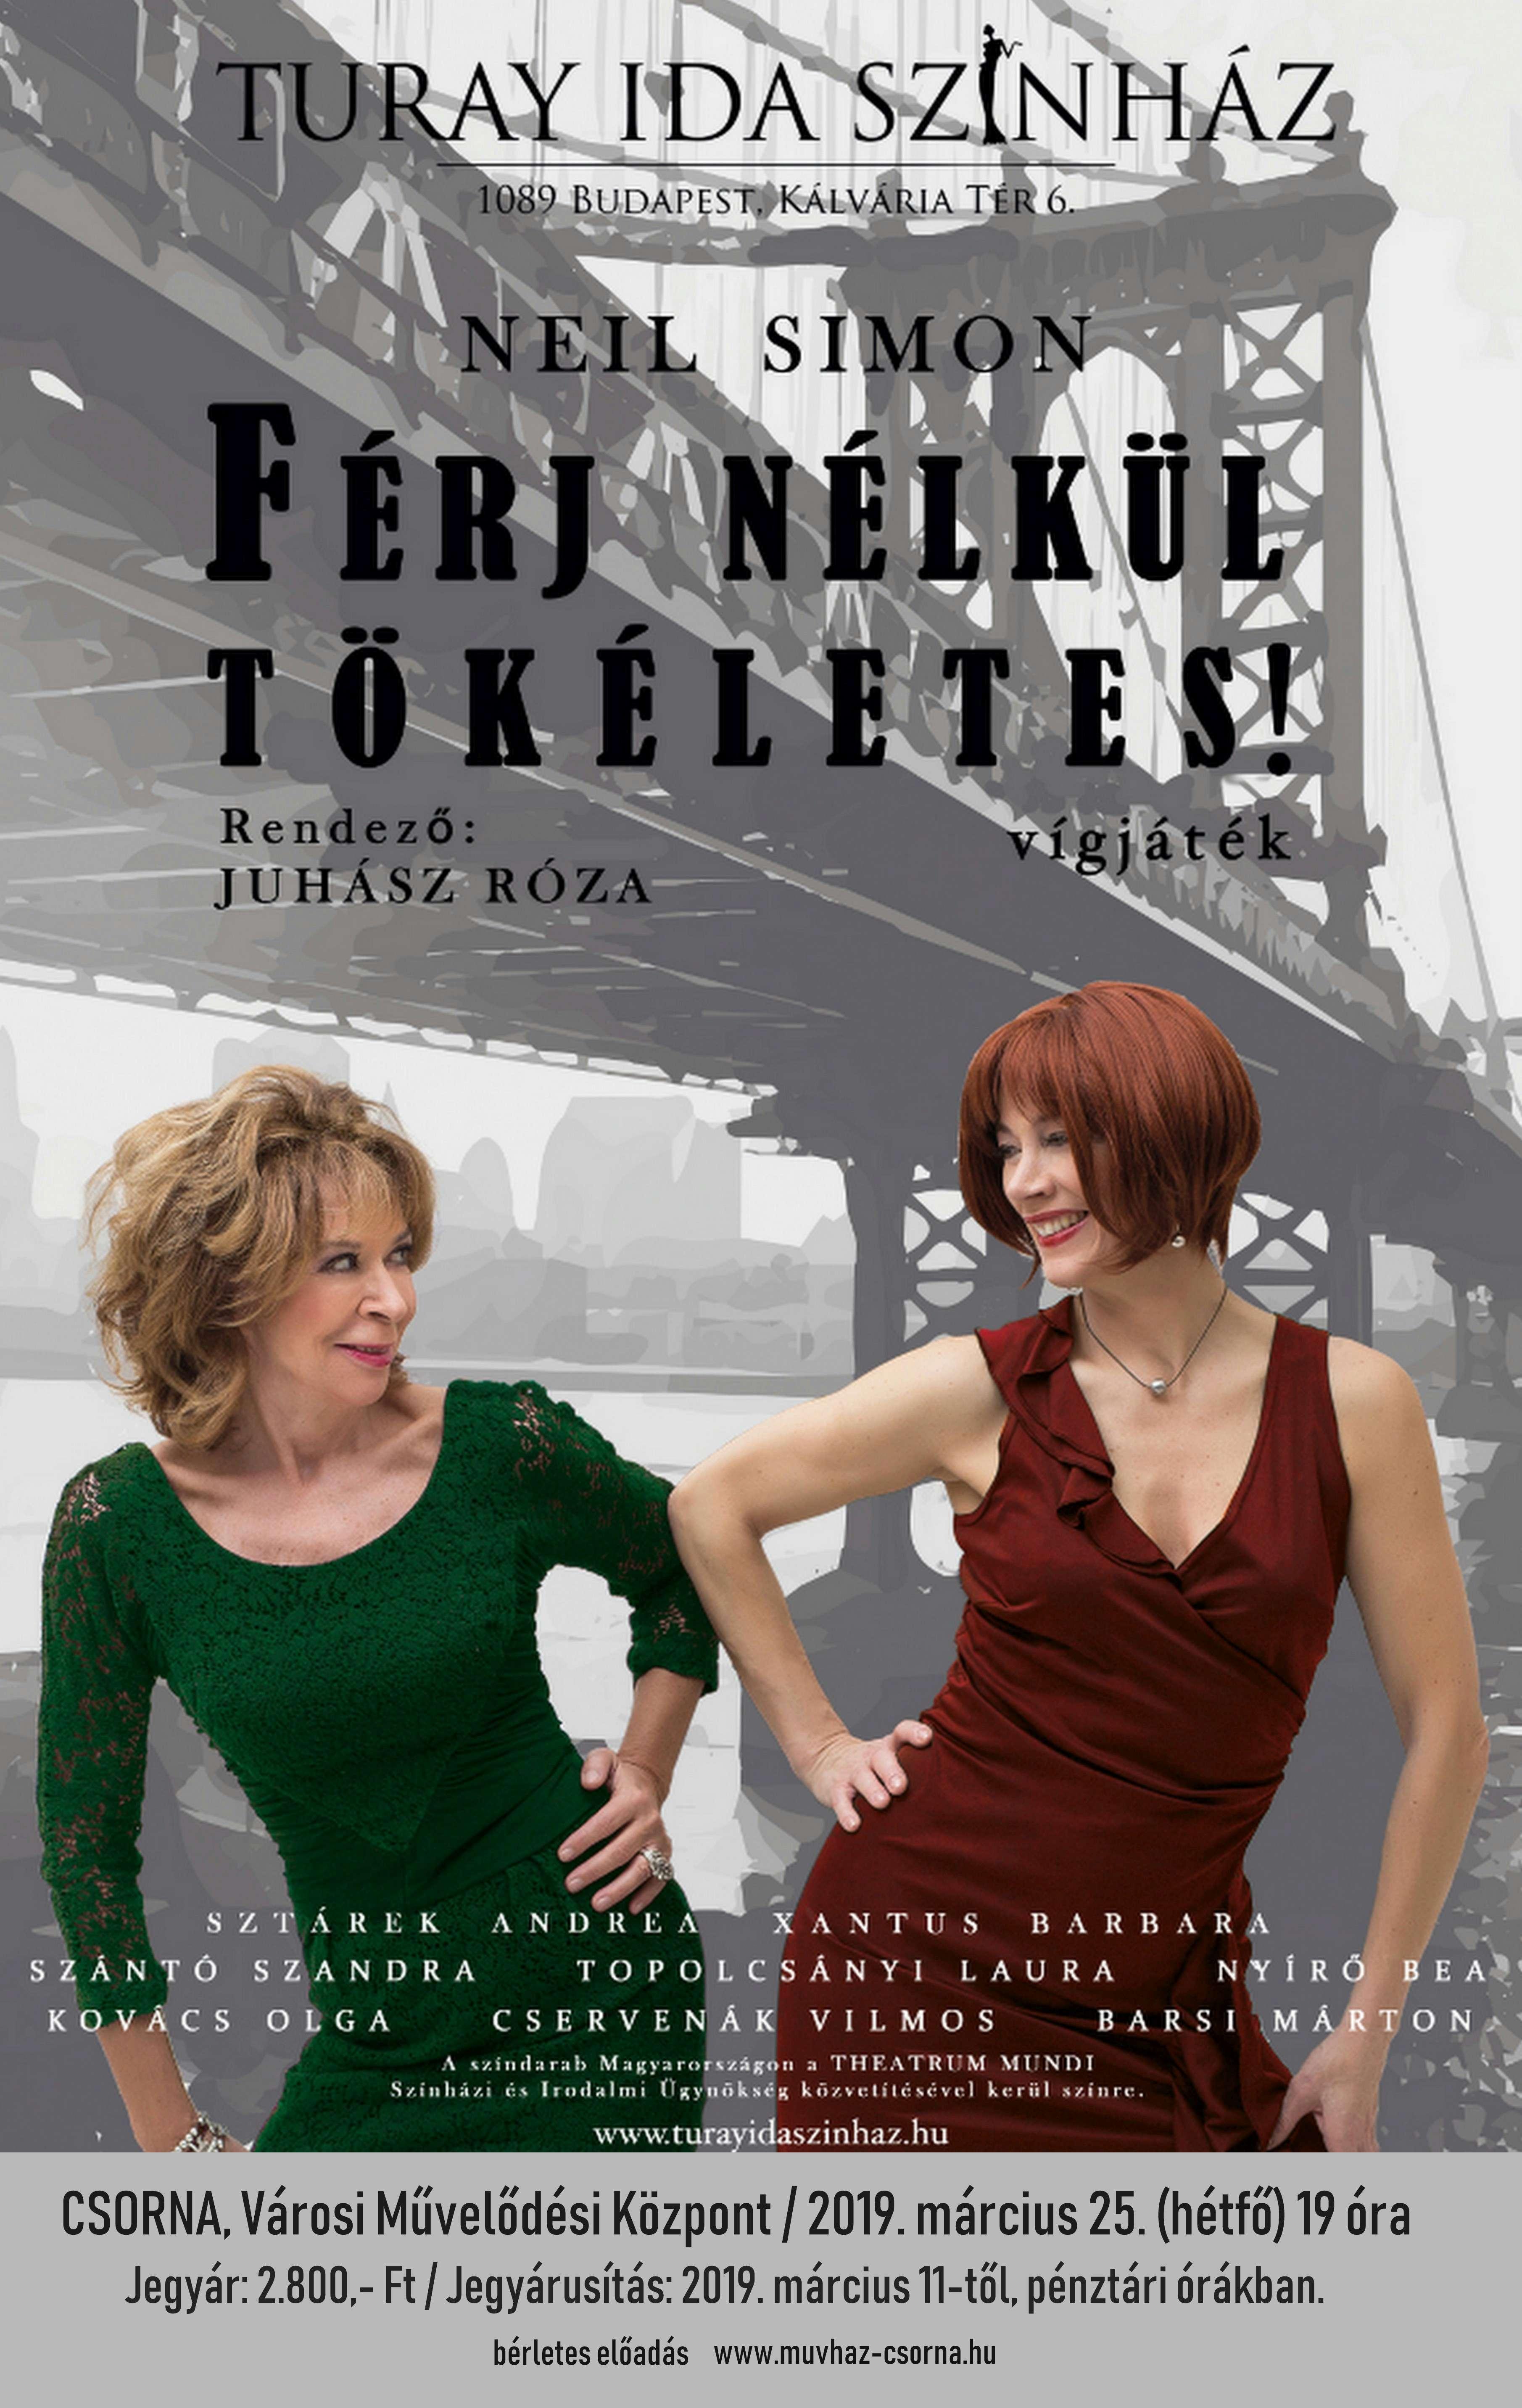 Ferj_nelkul_tokeletes